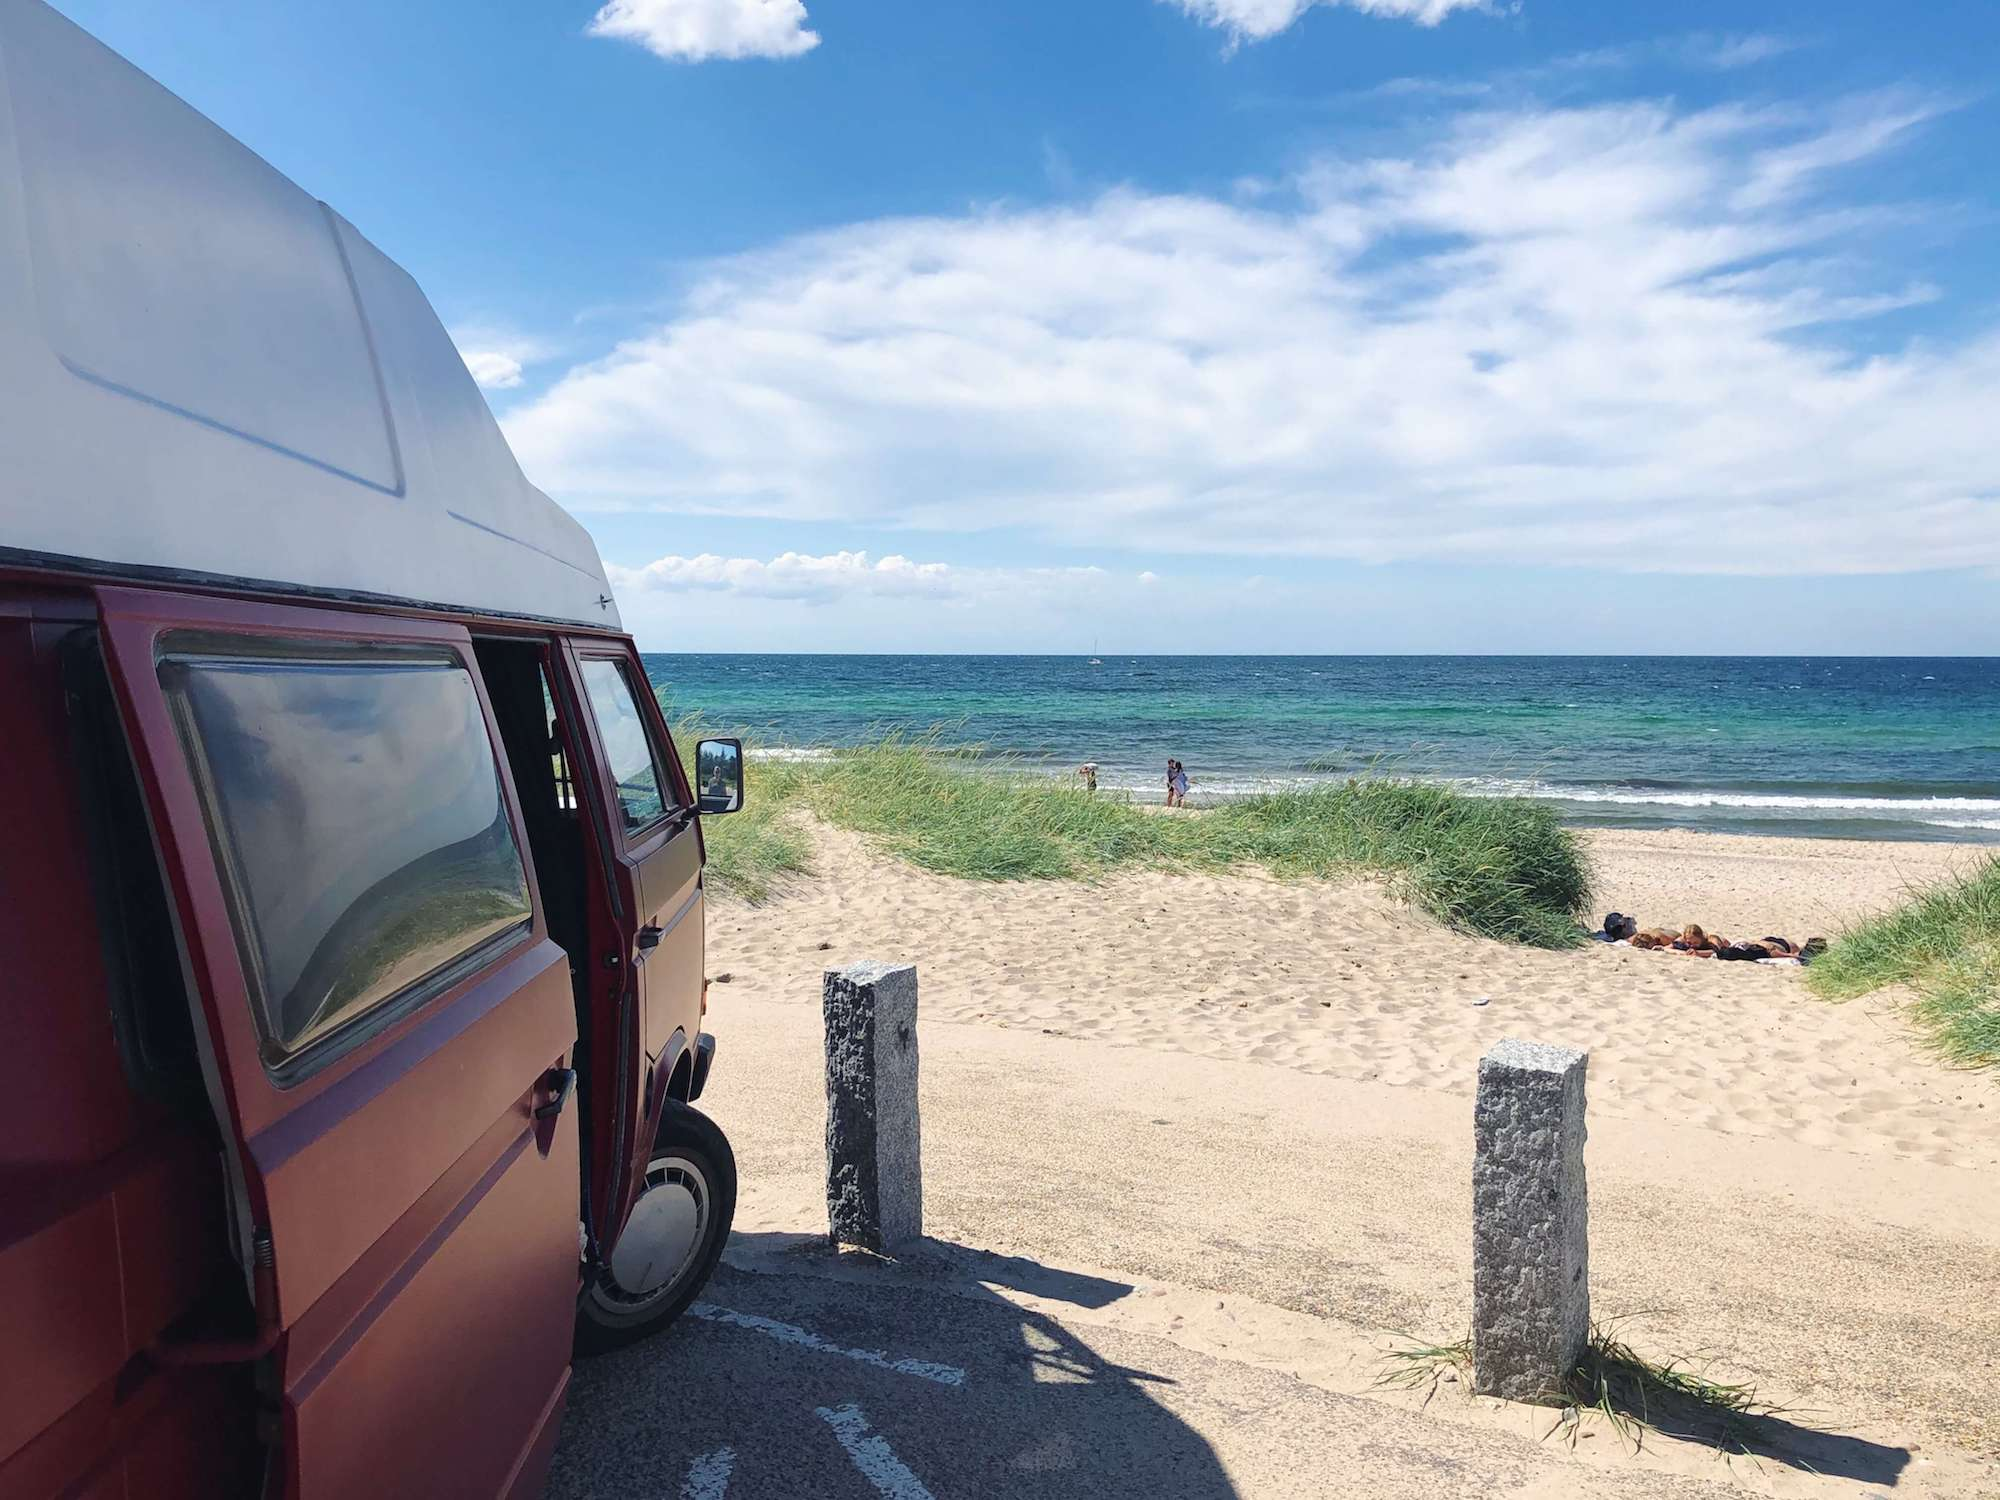 VW Bus T3 Helmut Reimo Hochdach rot Camper Bulli mieten Rostock bincampen direkt am Meer Daenemark erste Reihe Sommer Sonne Strand